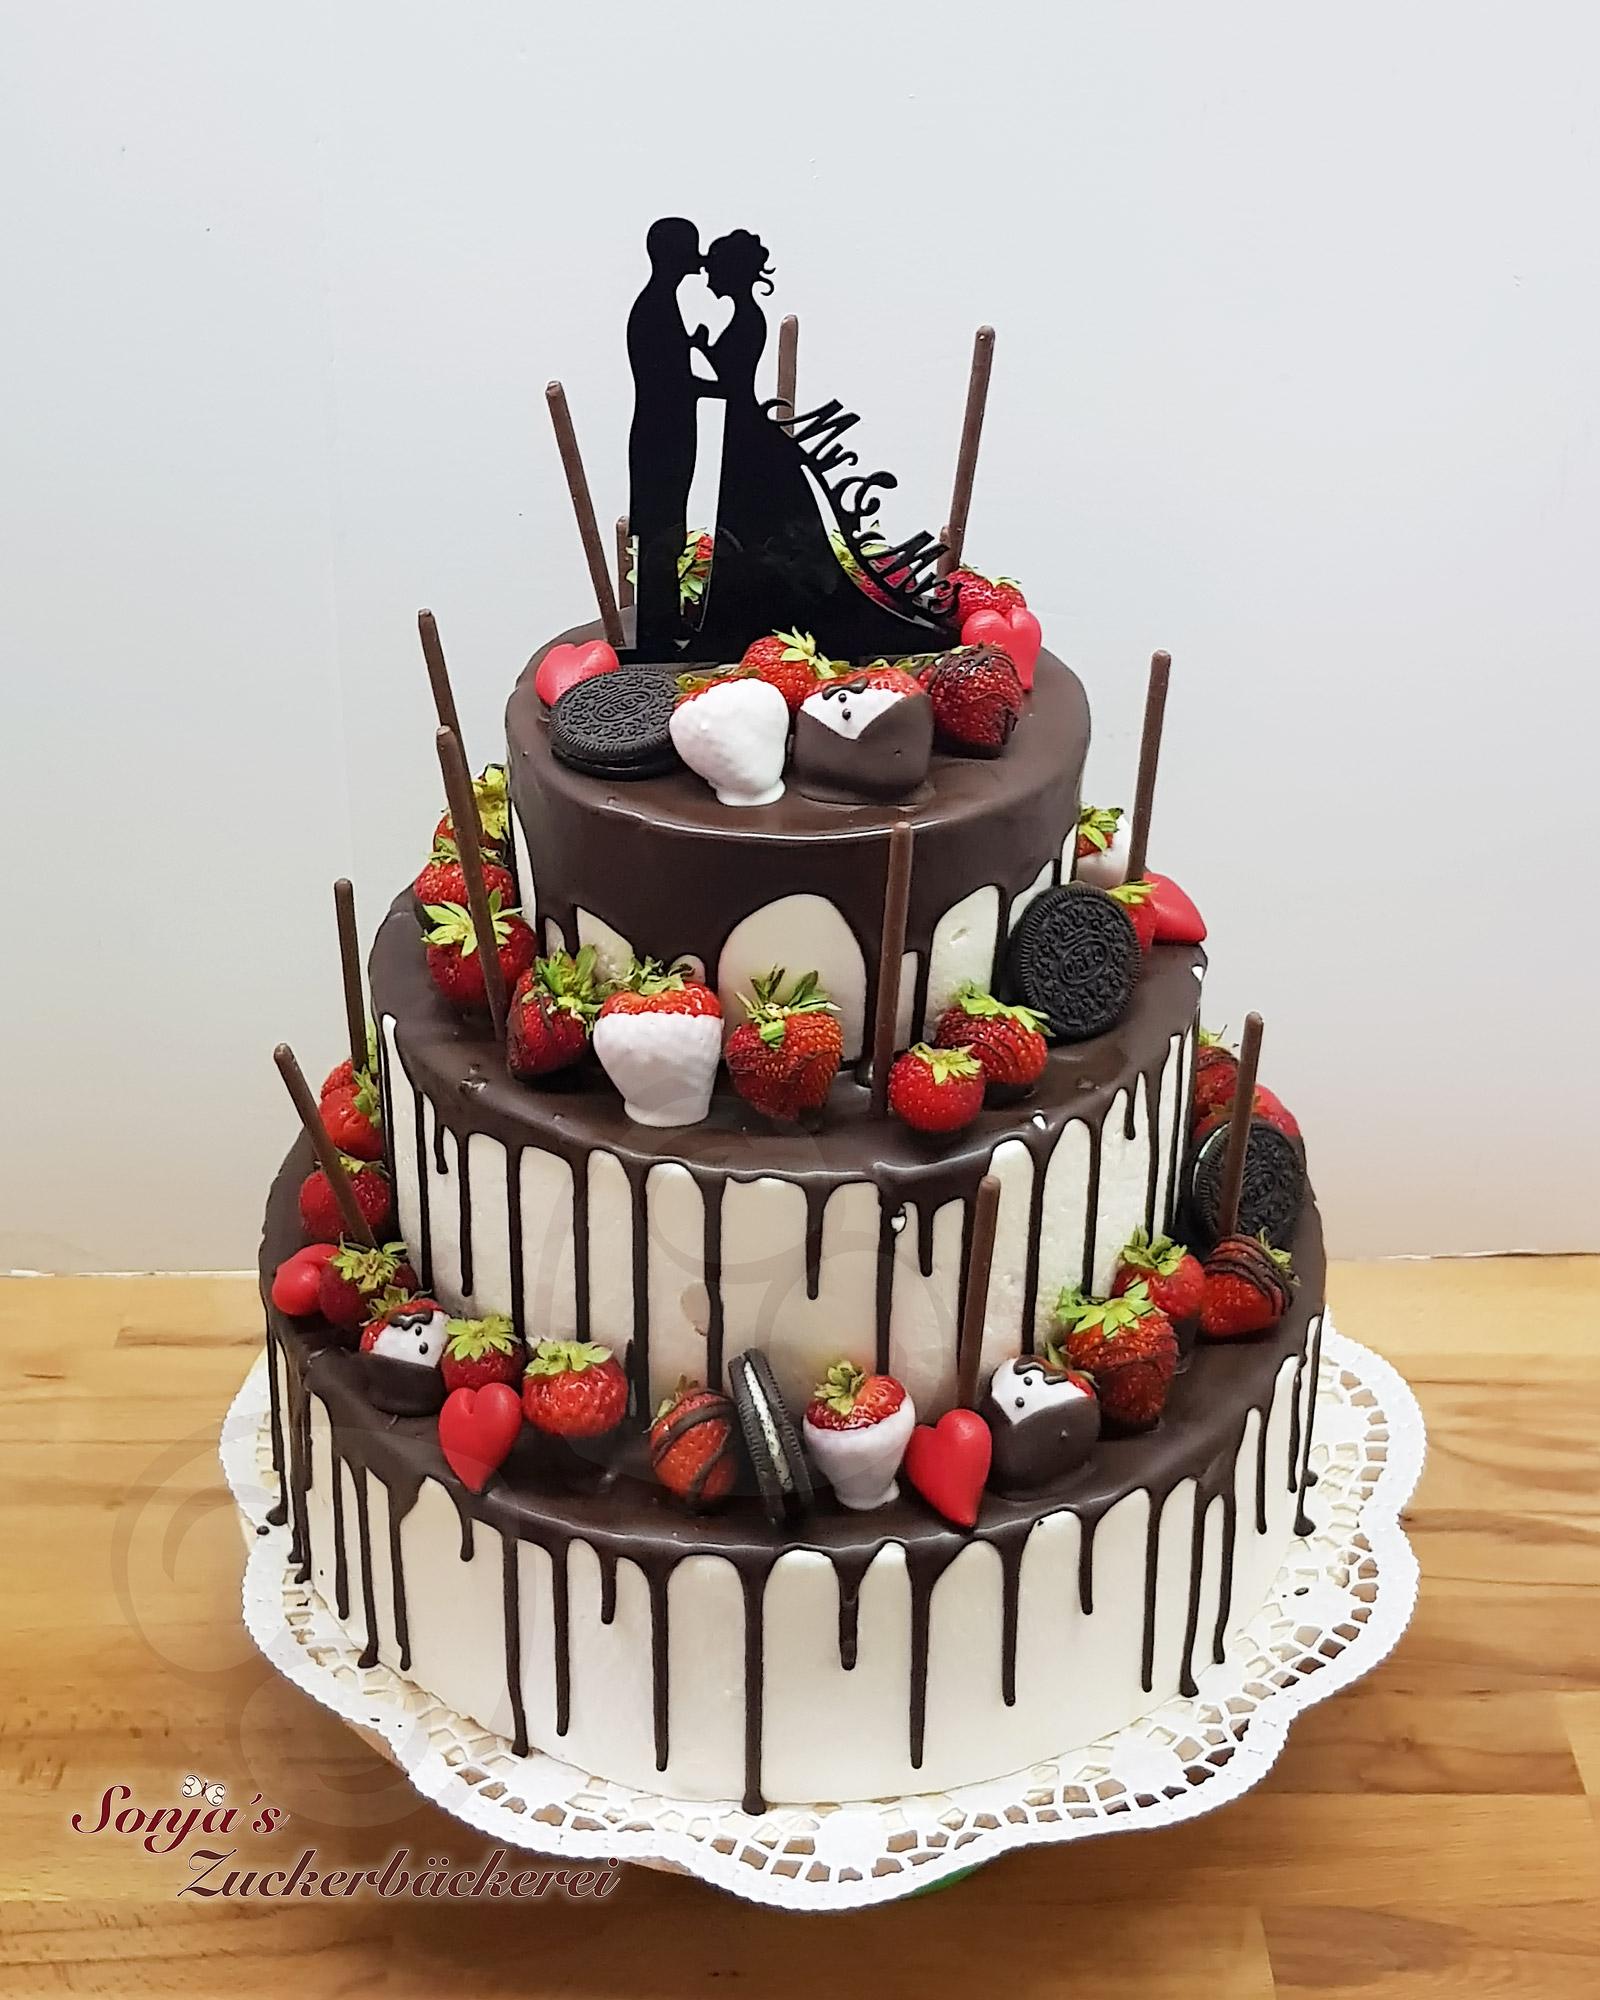 Hochzeitstorte Drip Cake Mit Oreos Sonja S Zuckerbackerei